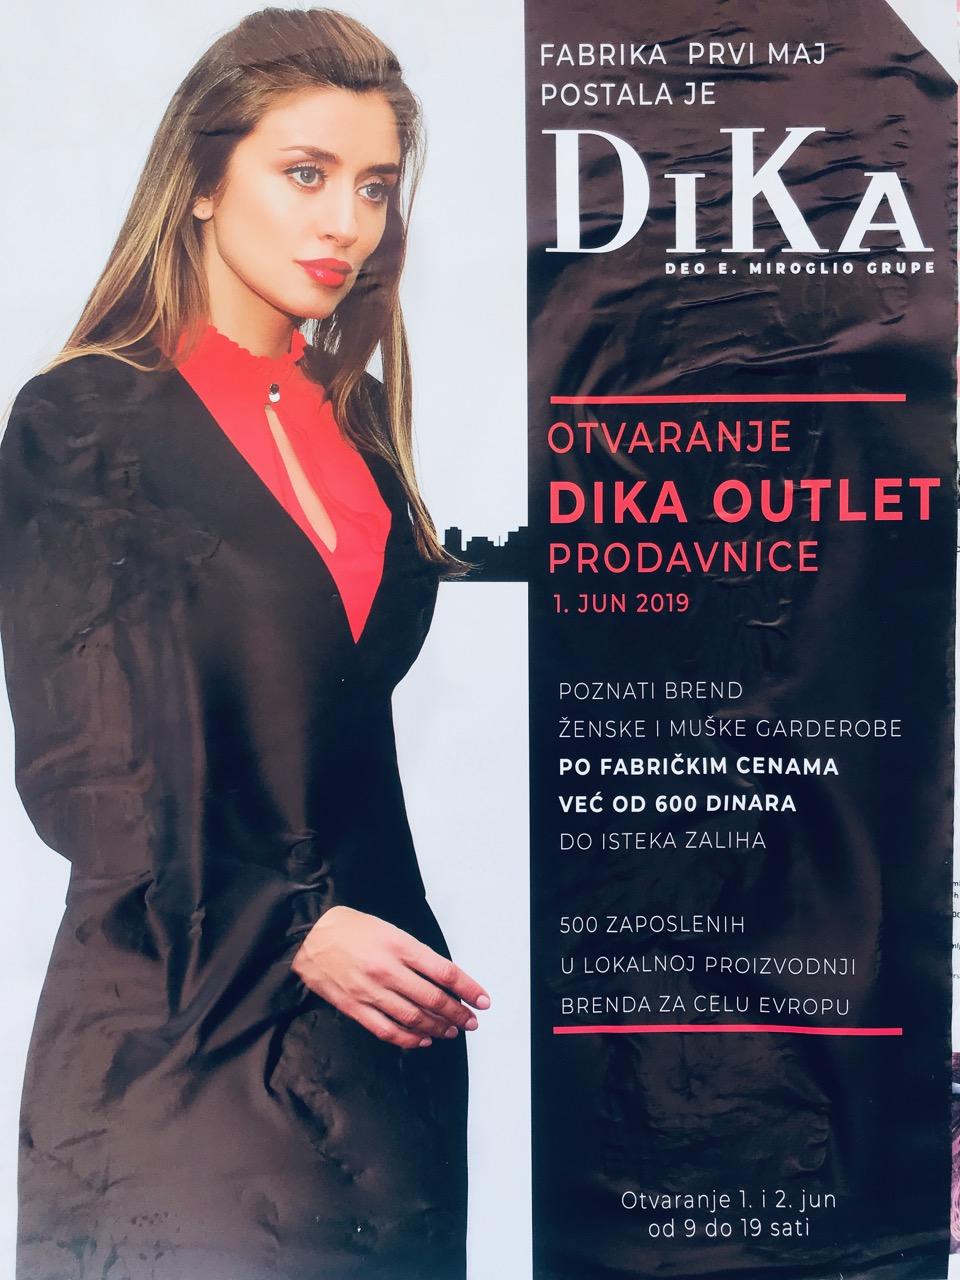 Photo of Evropska robna marka DiKa u Pirotu. Otvaranje prodavnice 1. juna